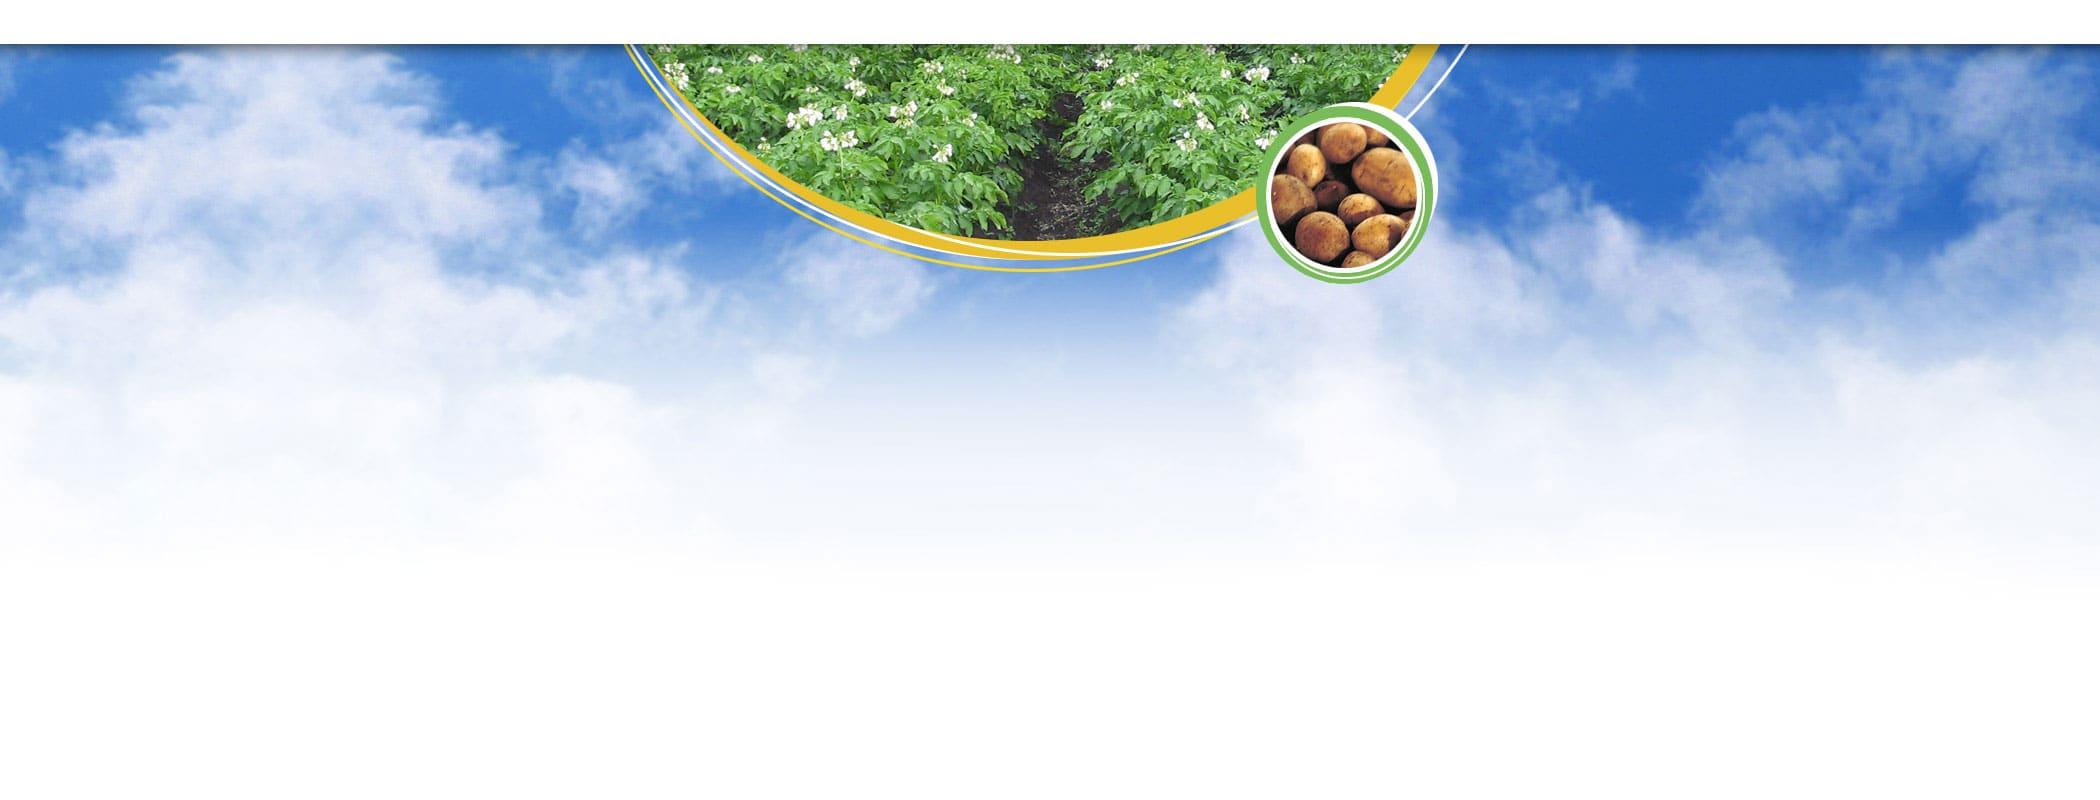 banner ziemniaki